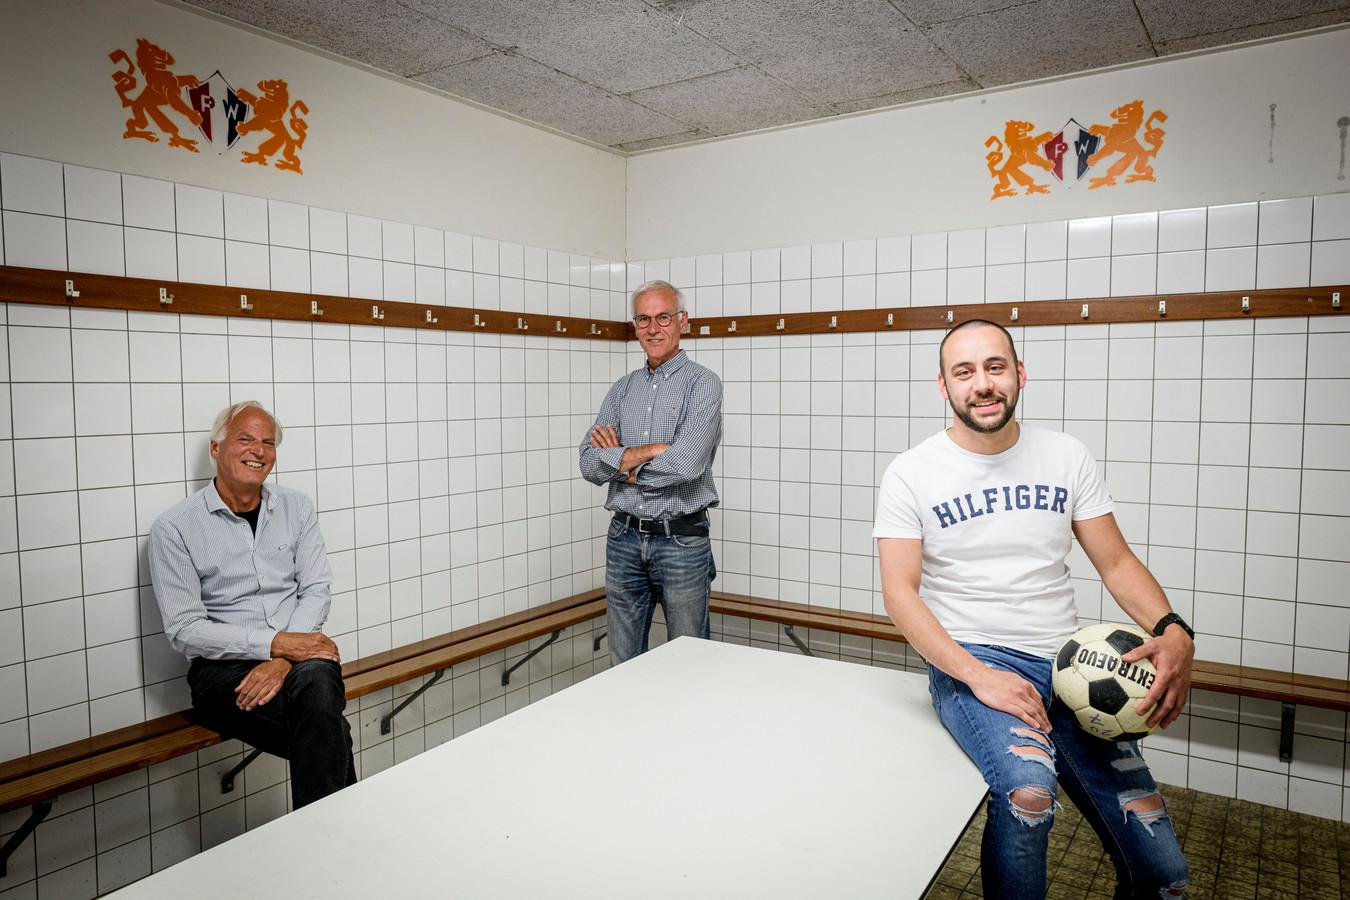 Het is leeg in de kleedkamer bij PW. Harrie Balke (links), Ben Snijders en Sietse Van Vlierberghe vrezen dat dat komend seizoen zo blijft als er geen nieuwe spelers voor het eerste worden gevonden.